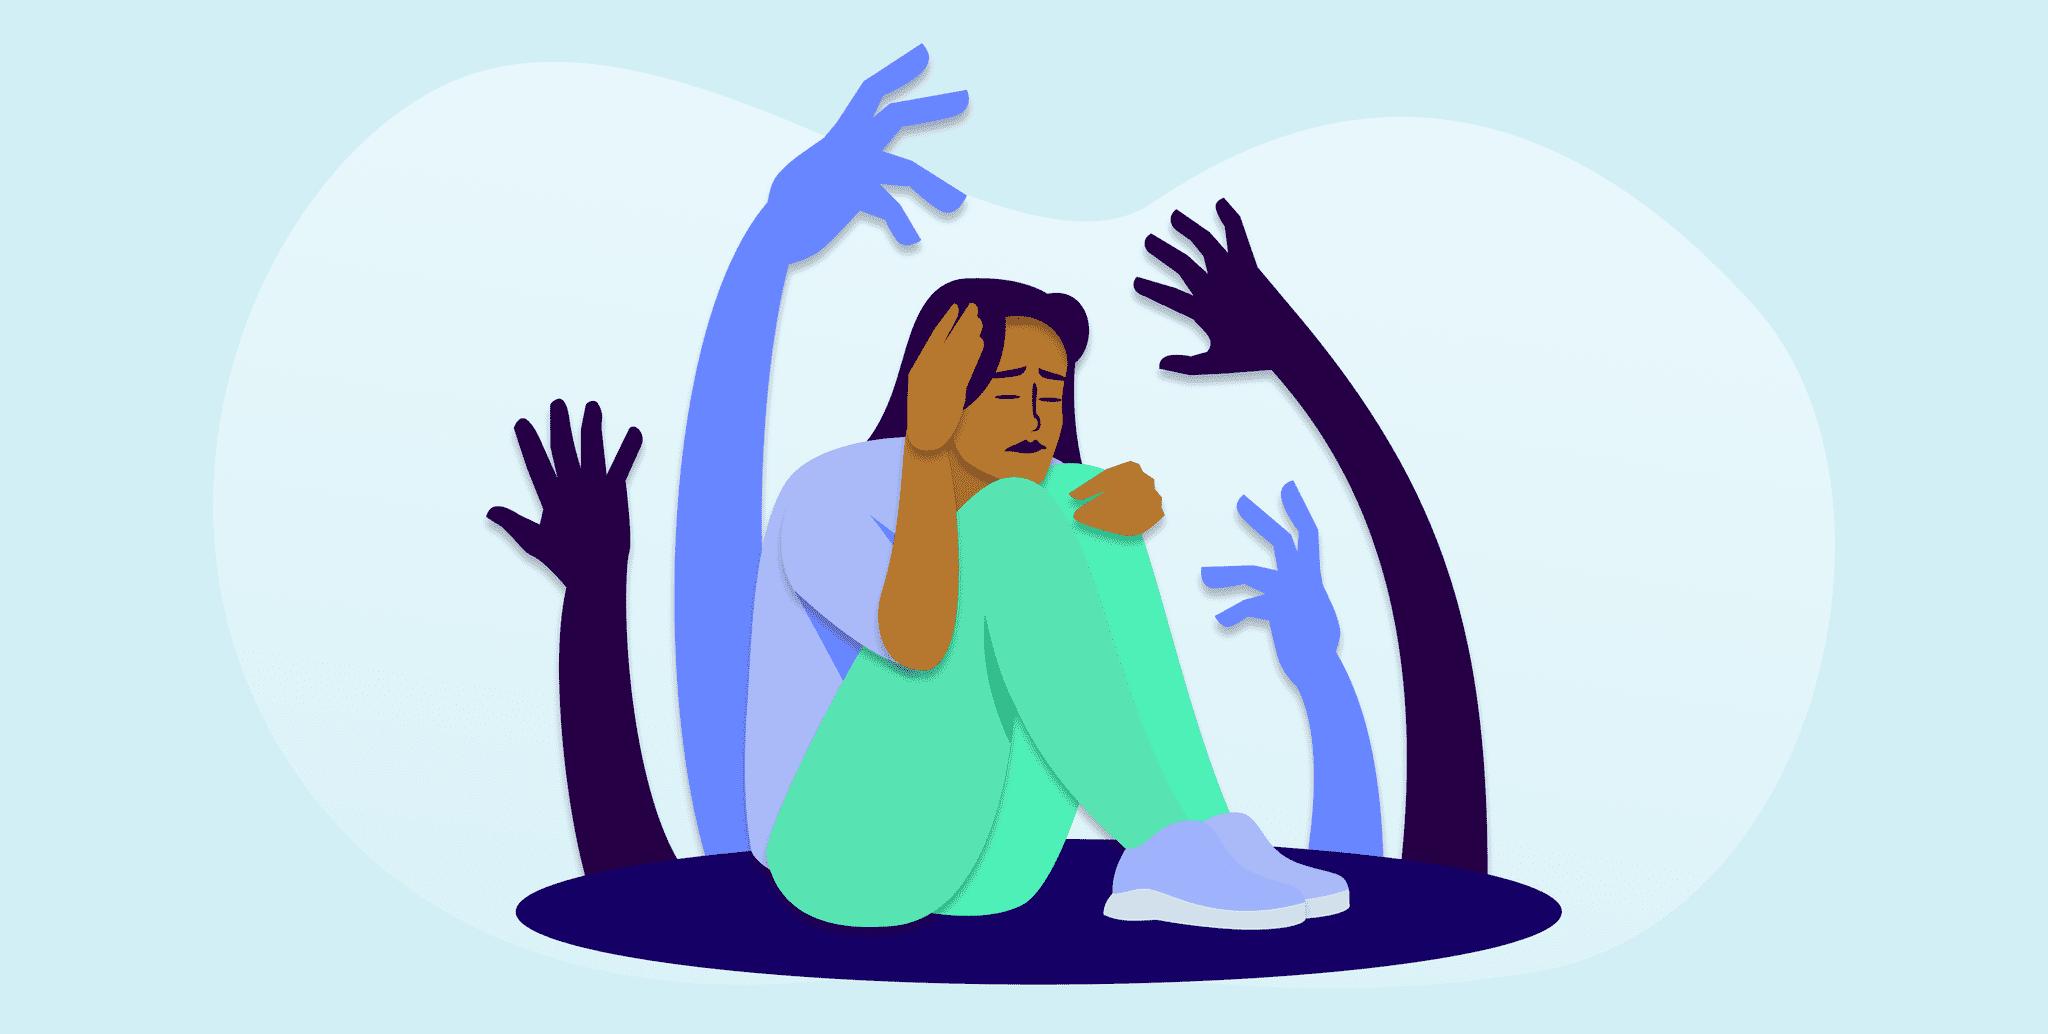 درمان اختلال هراس یا پانیک چیست؟